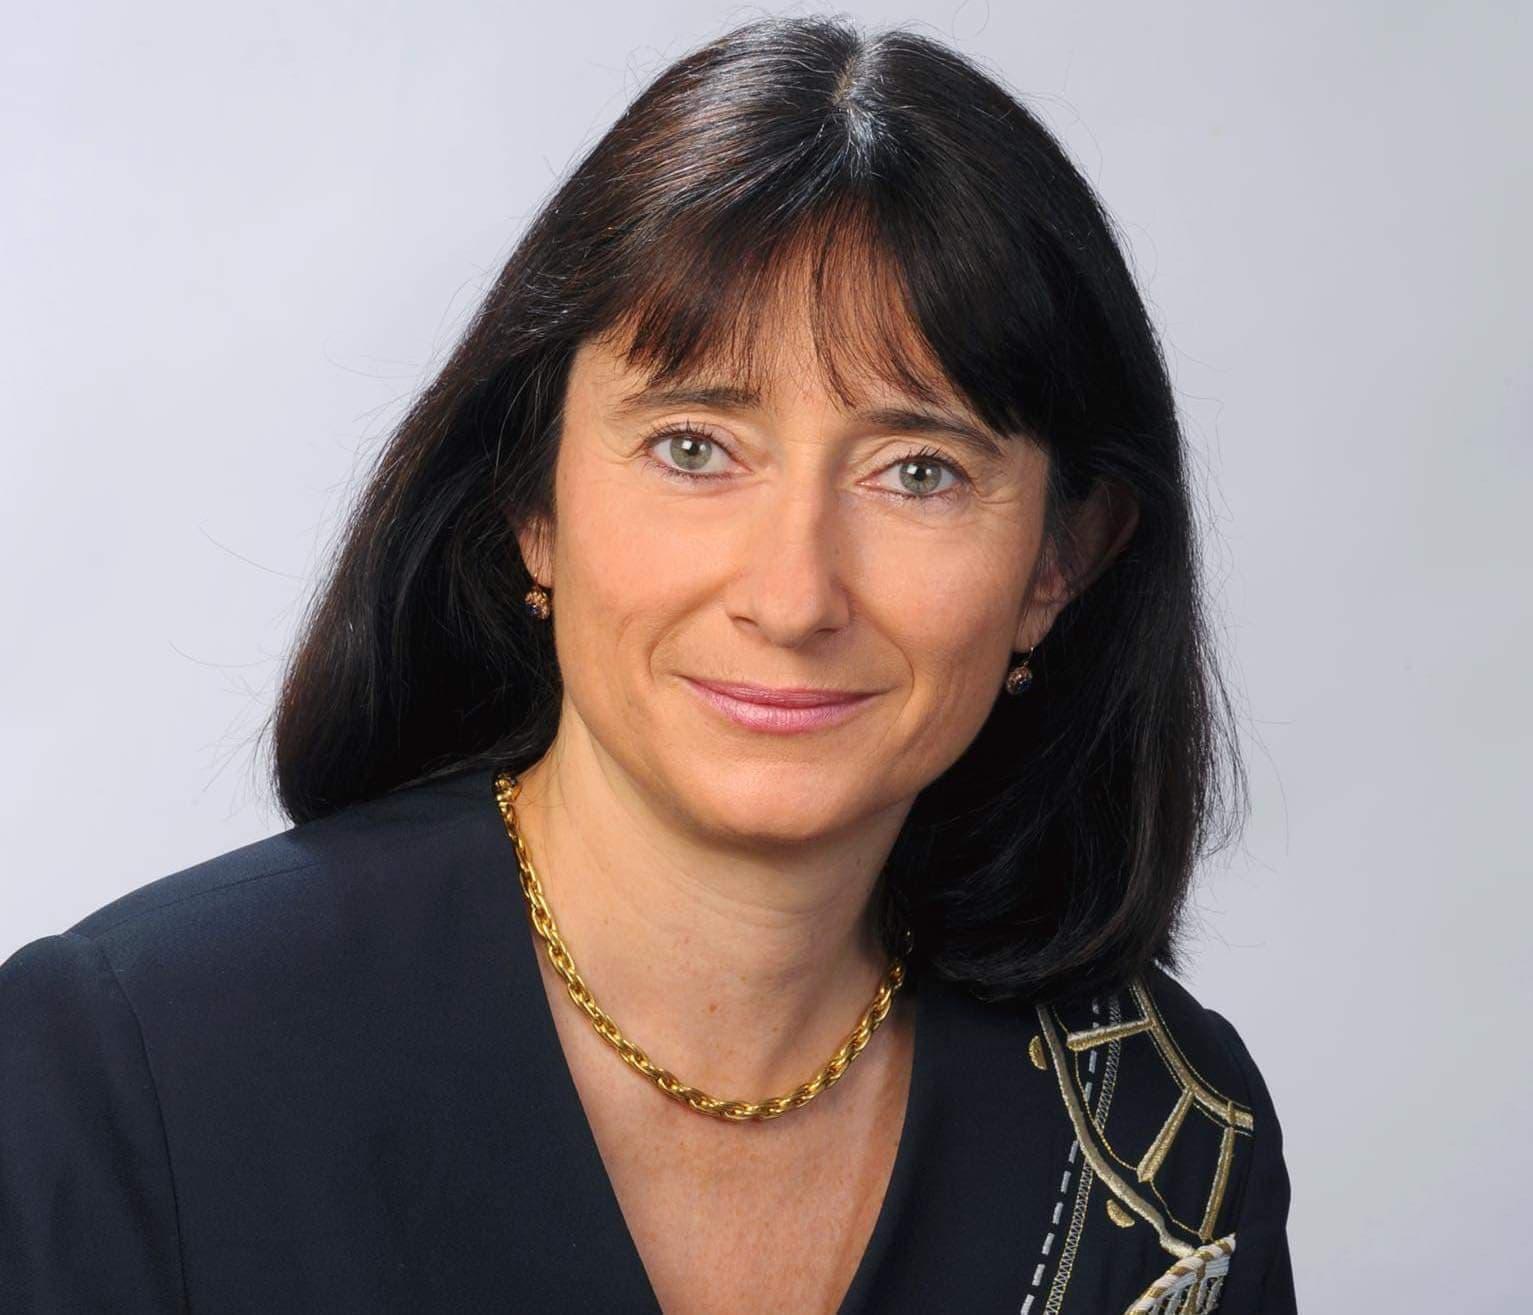 Laurence Trastour-Isnart, « La France est un pays libre et la femme doit être en sûreté partout »